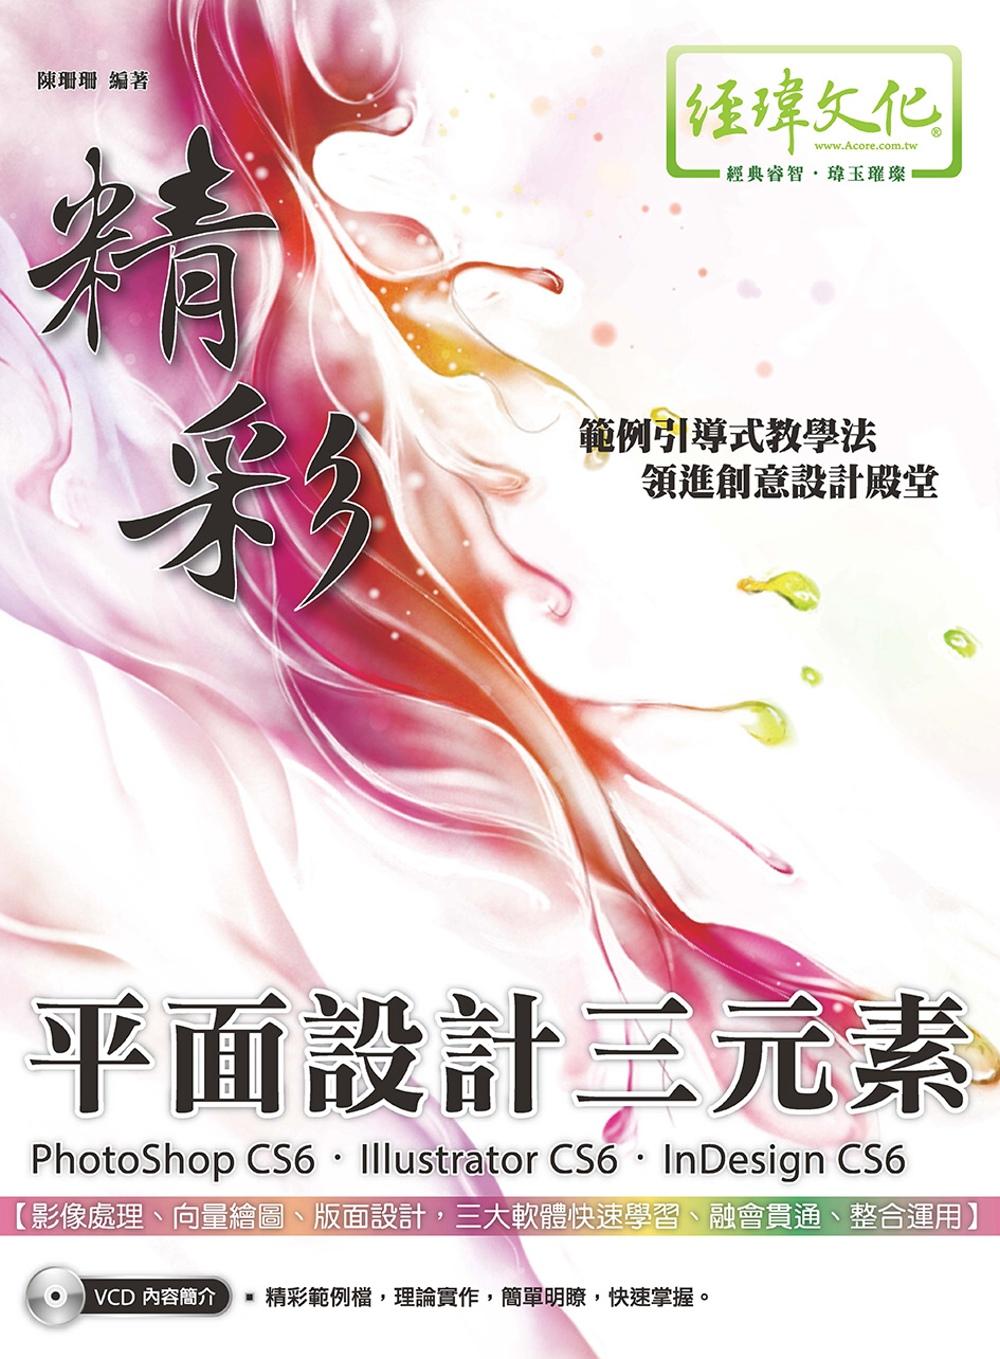 精彩 PhotoShop CS...